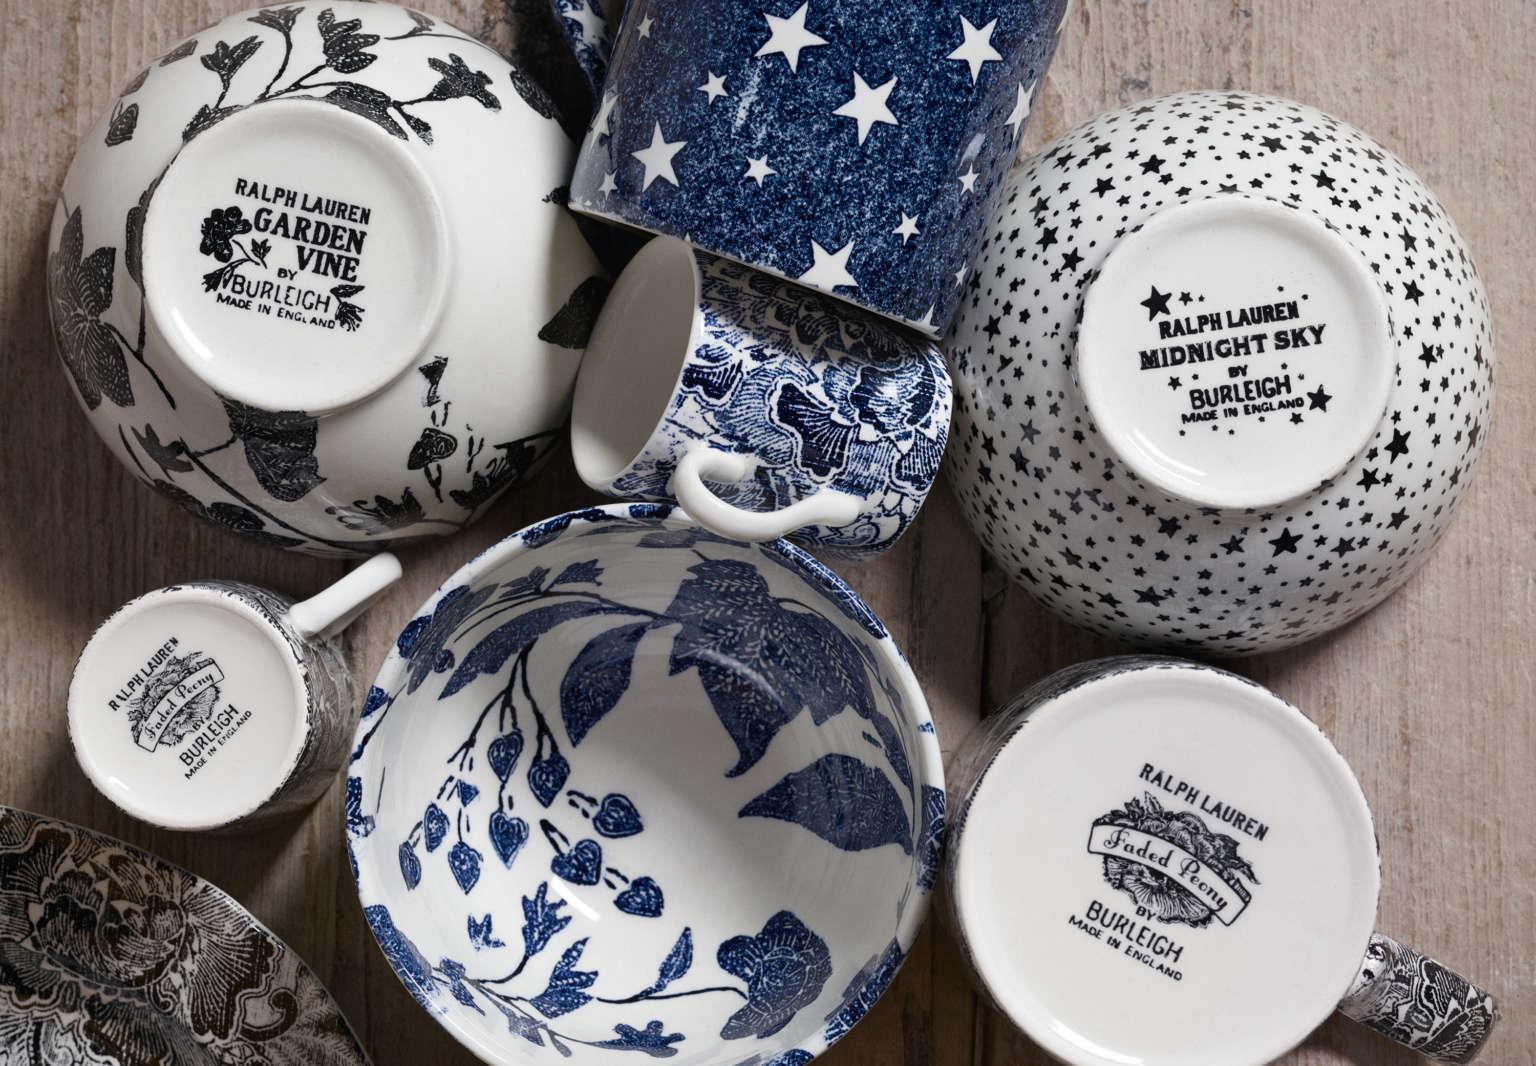 burleigh ralph lauren home ceramics bowls logo